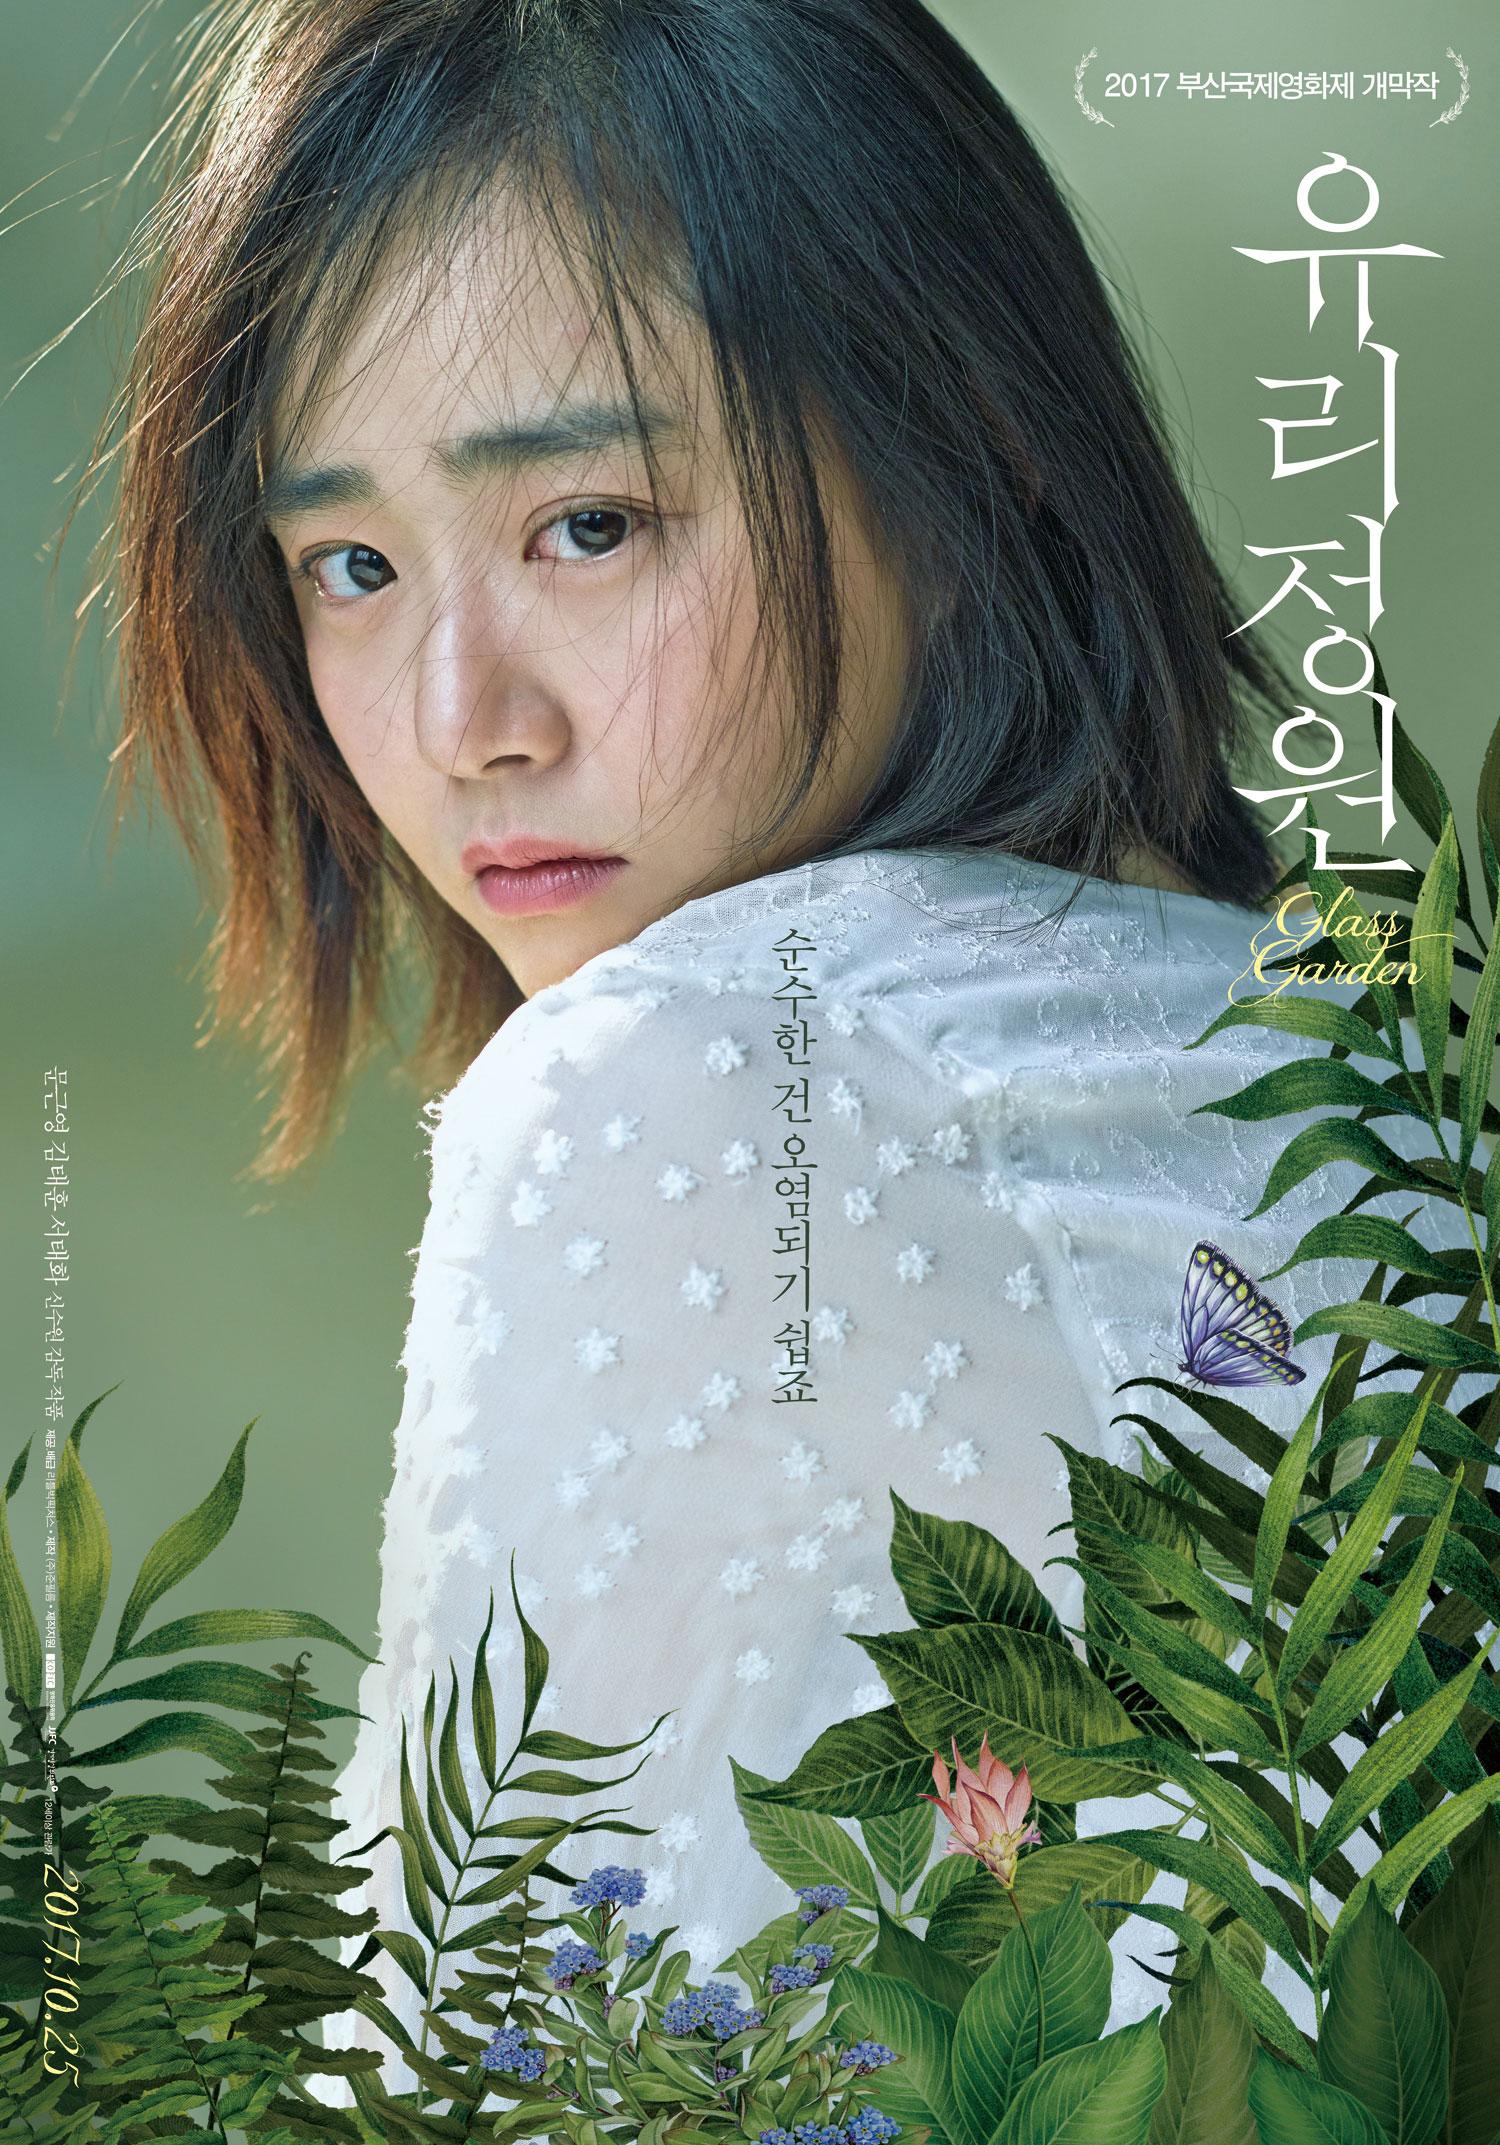 유리정원 포스터